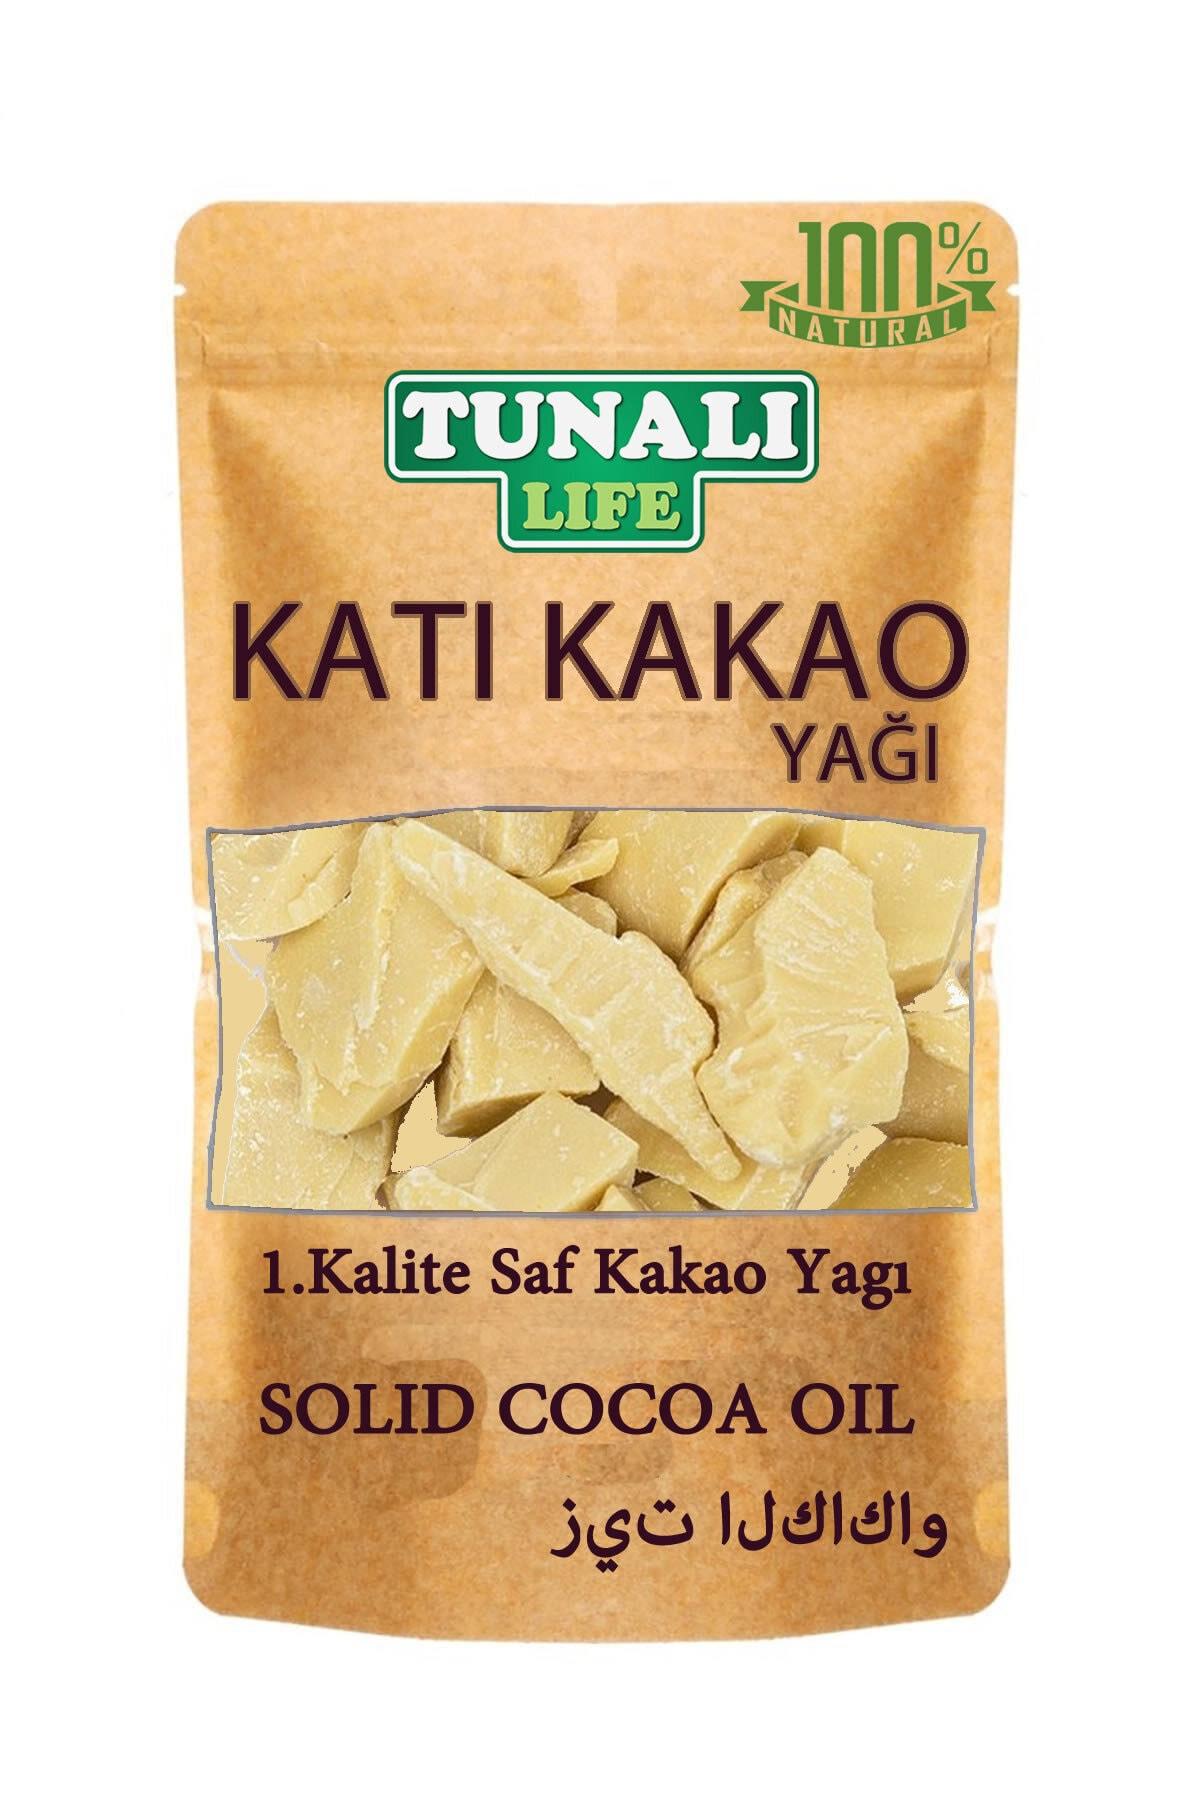 Katı Kakao - Saf Kakao Yağı - Yenilebilir - 500 GR